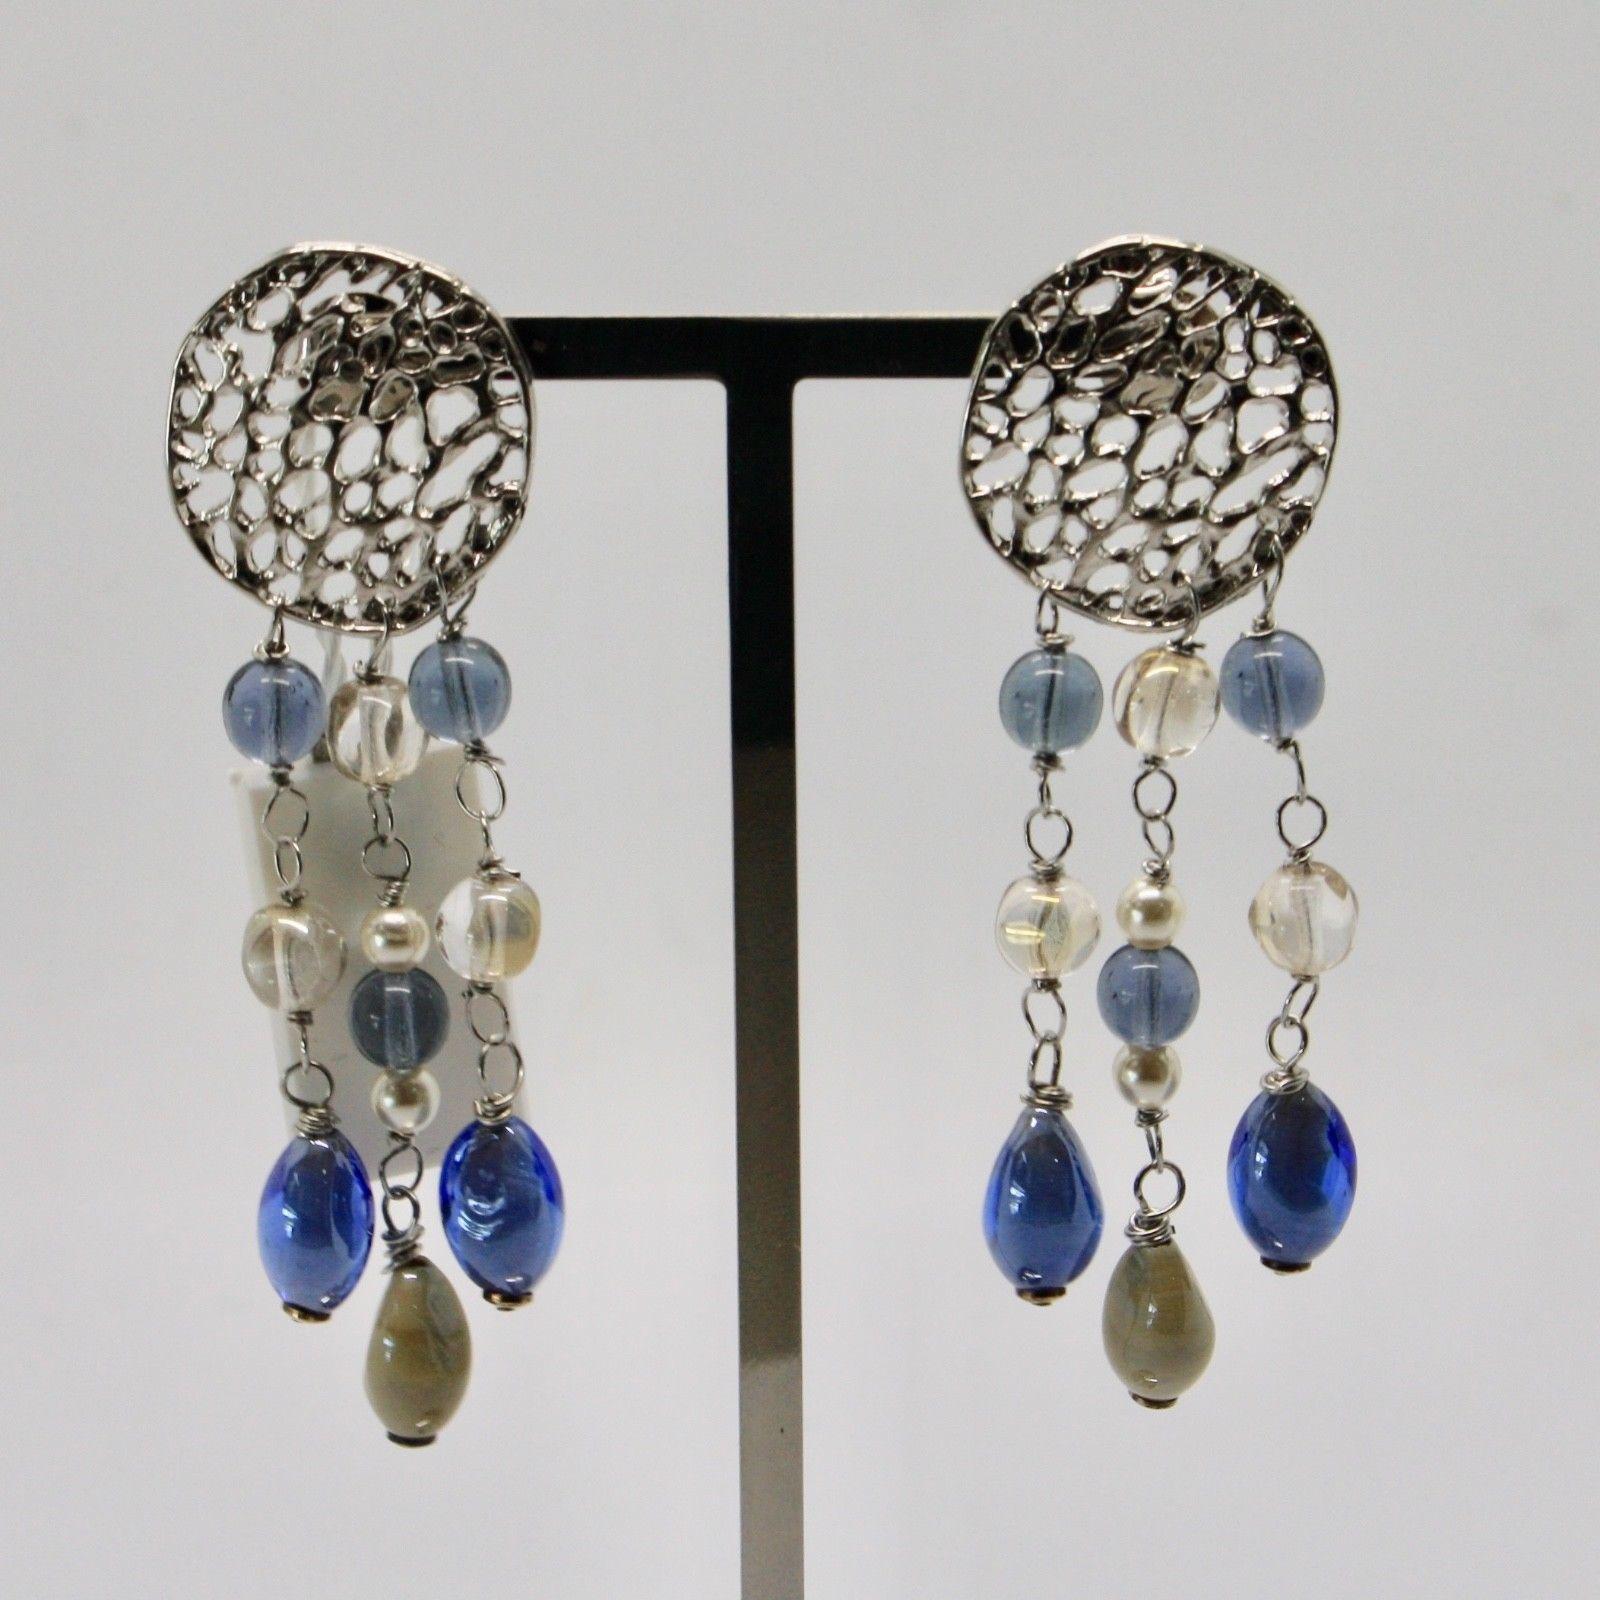 EARRINGS ANTICA MURRINA VENEZIA WITH MURANO GLASS BLUE GREY BEIGE OR571A07